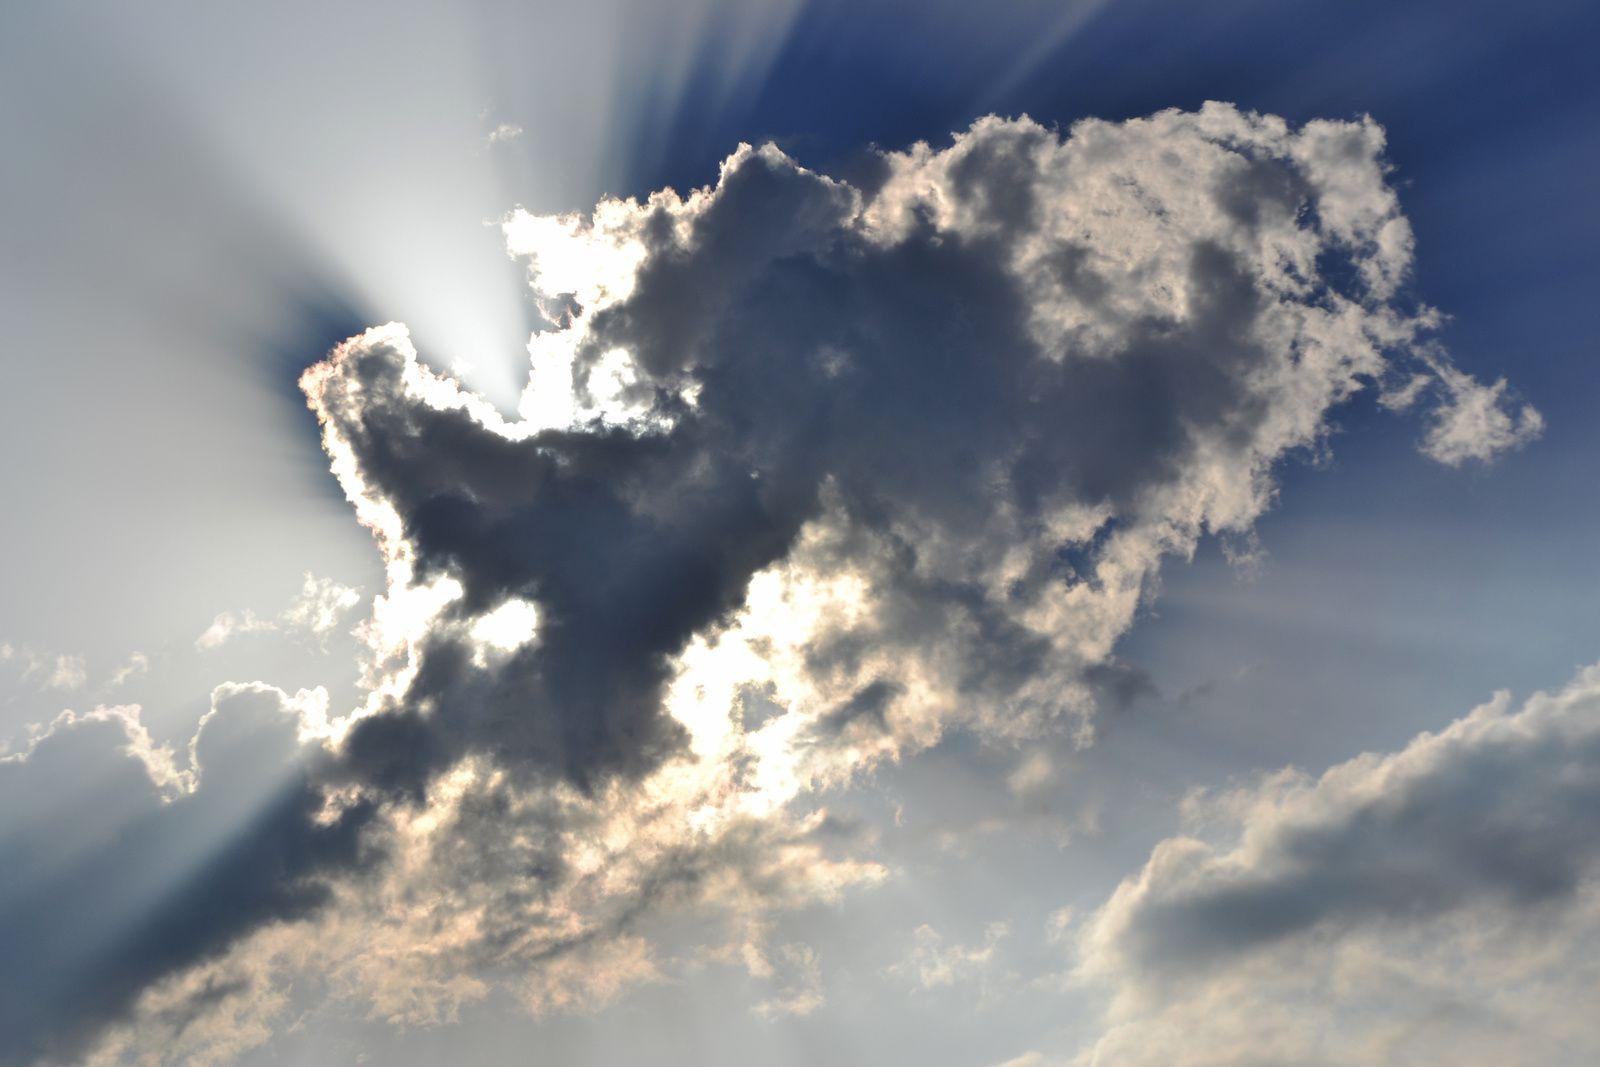 Contre le ciel, nul n'a puissance !